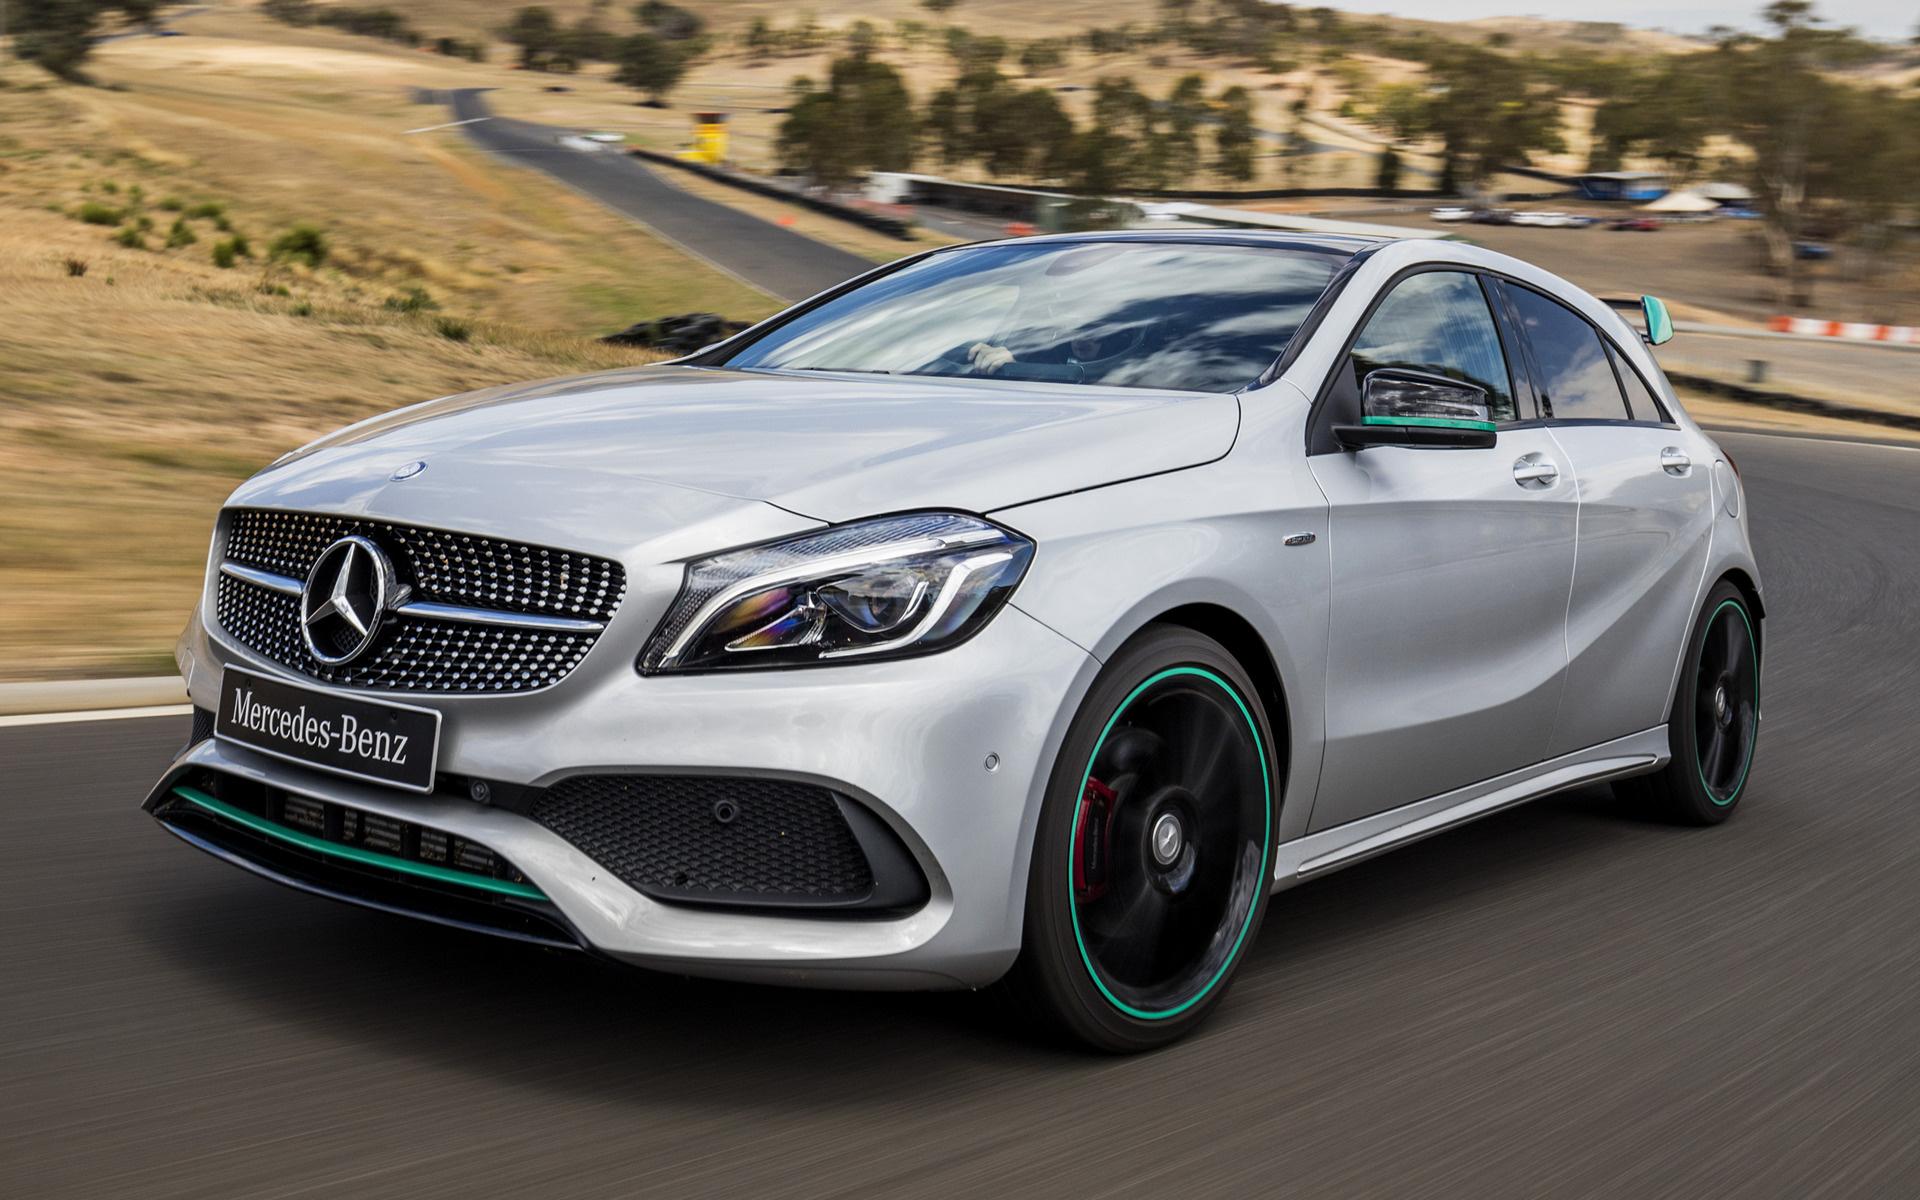 https://www.carpixel.net/w/fb7dc1f150c910586d4f02b5db49ca17/mercedes-benz-a-class-motorsport-edition-car-wallpaper-38423.jpg